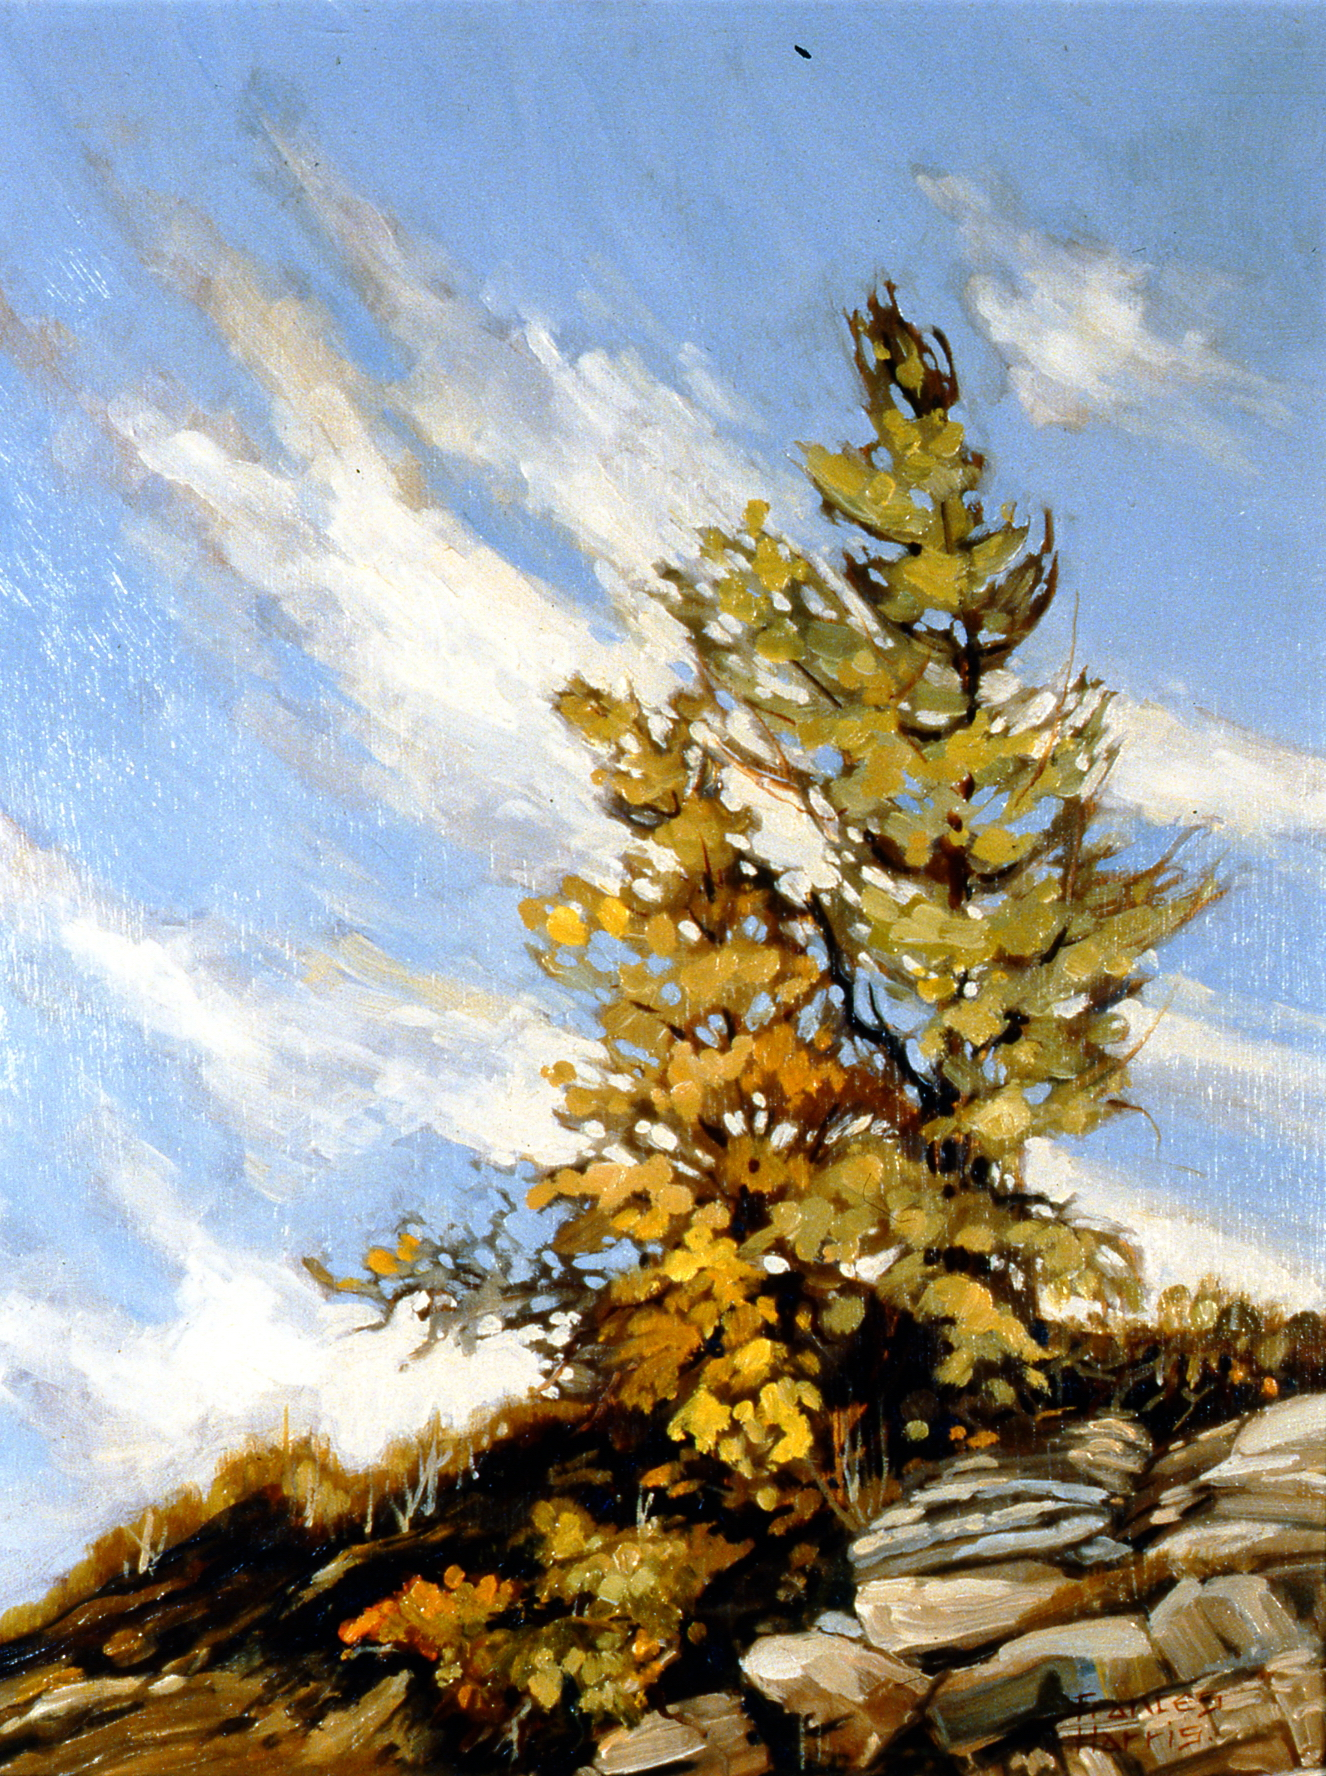 September Sky, 1980, Frances Harris, oil on board, 44 1/2 cm x 34 cm, 2002.01.02, gift of Harold Cairns